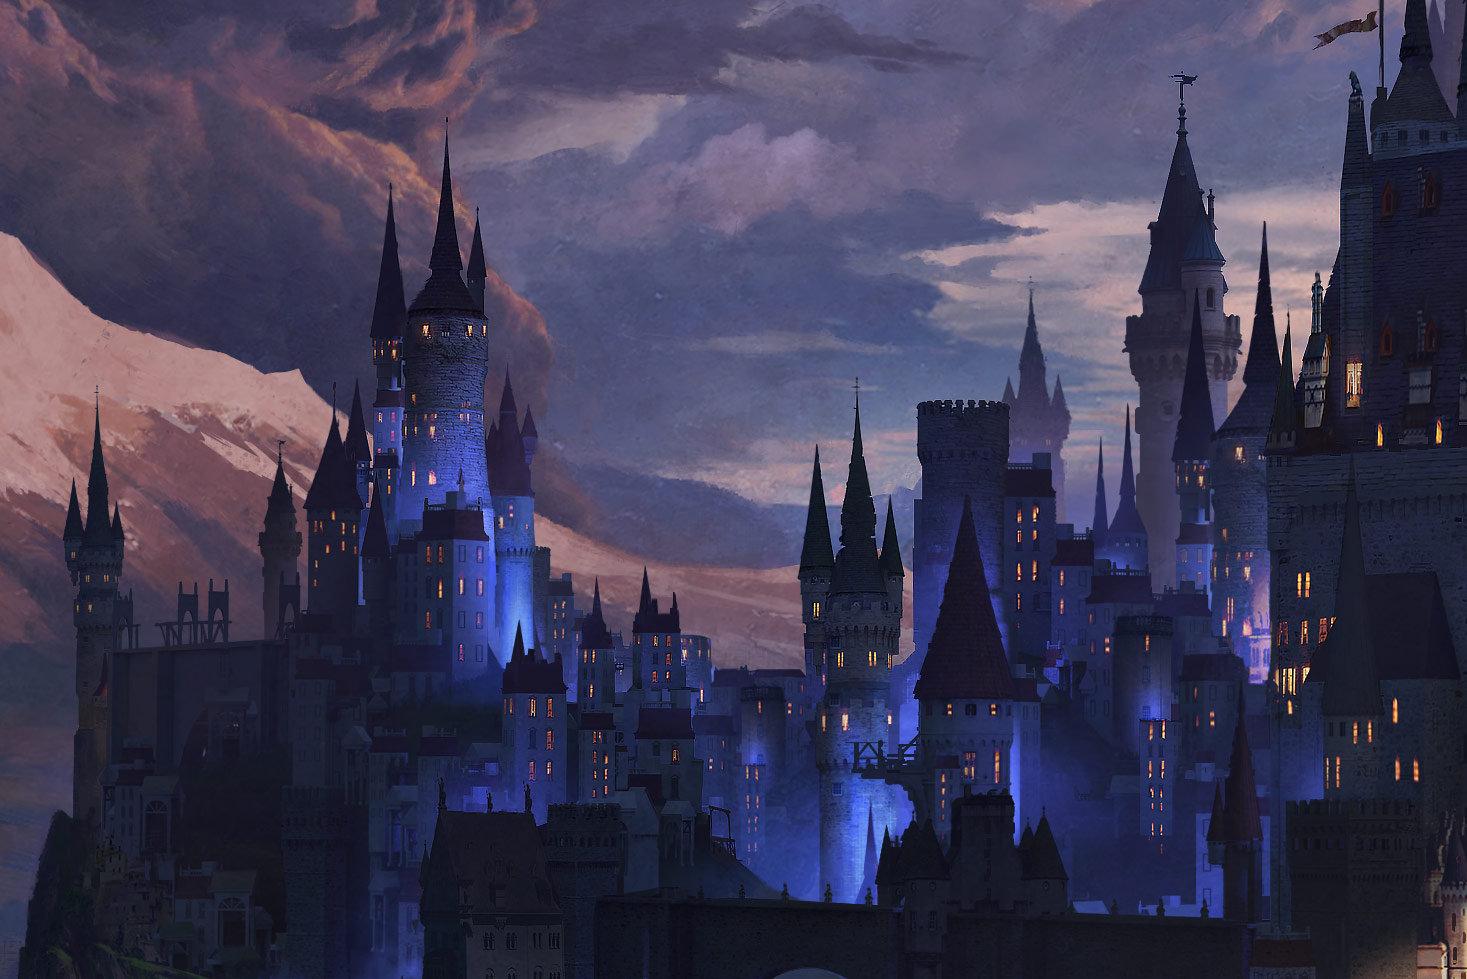 правительства картинки замков королевств двух сотен лет